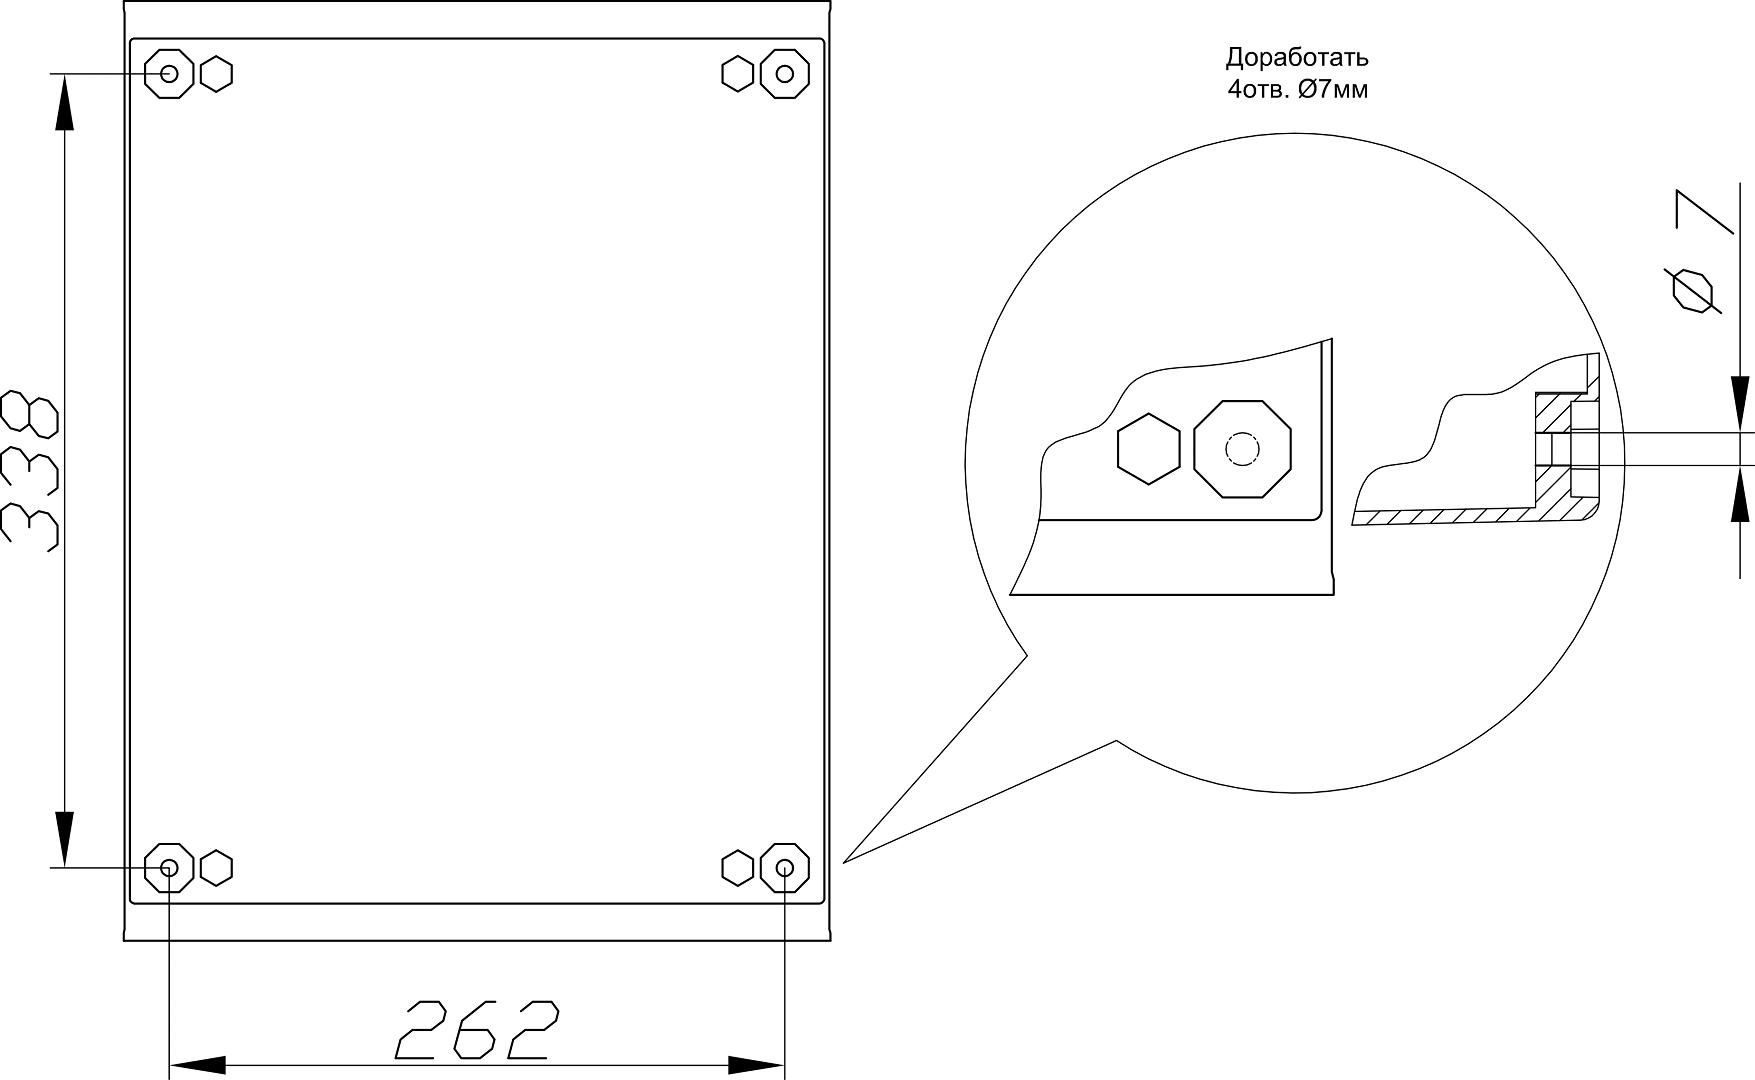 Отверстия для крепления к стене предусмотрены на задней стенке термошкафа ТШП-6